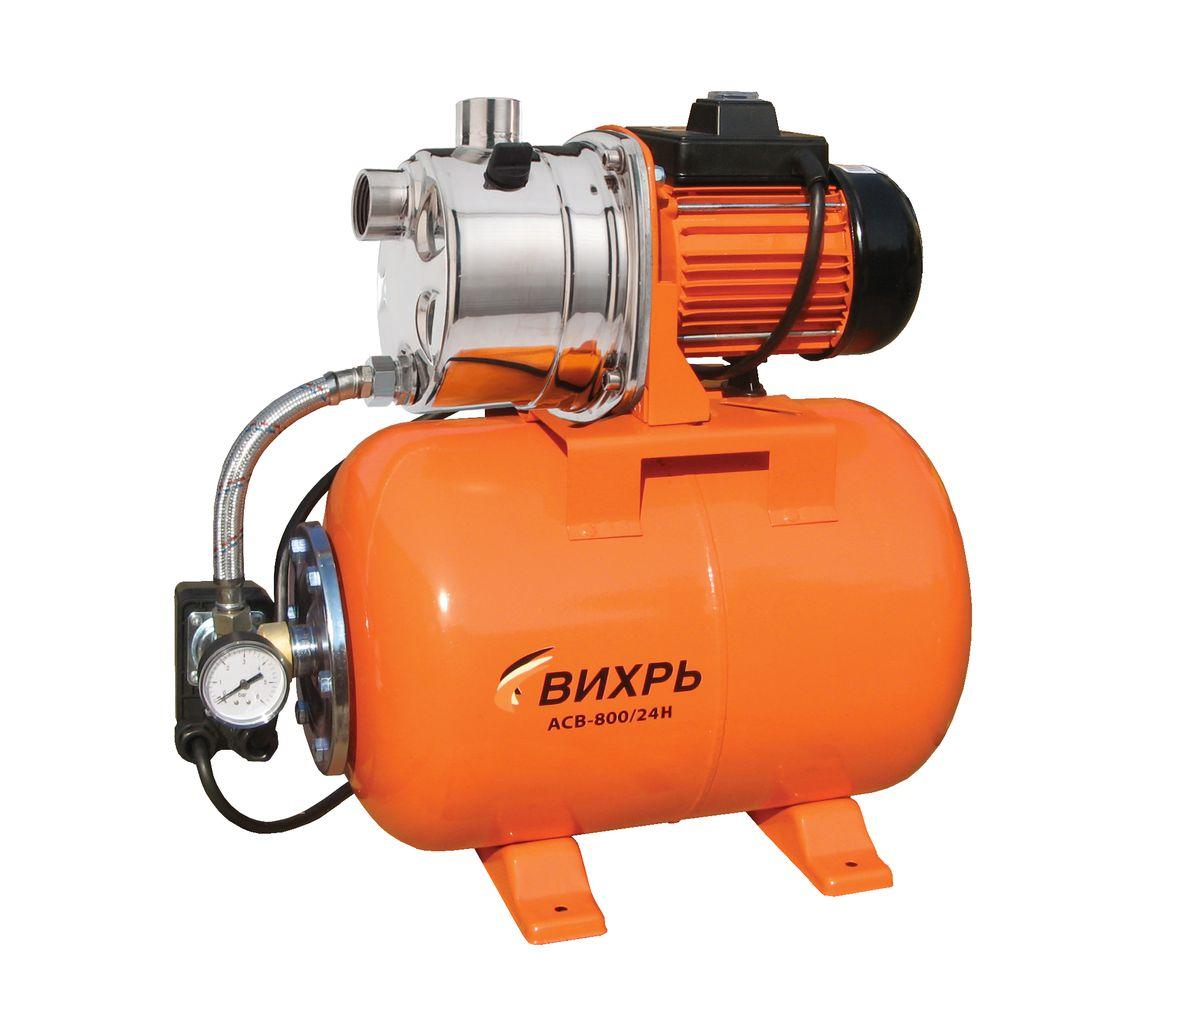 Насосная станция Вихрь АСВ-800/24Н68/1/7Насосная станция Вихрь АСВ-800/24Н предназначена для бесперебойного водоснабжения в автоматическом режиме, коттеджей, дач, ферм и других потребителей. При этом она автоматически поддерживает необходимое давление в системе водоснабжения, самостоятельно включаясь и отключаясь по мере расходования воды потребителями.Встроенный датчик давления обеспечивает автоматическое включение насоса в случае необходимости. Гидроаккумулятор служит для аккумулирования воды под давлением и сглаживания гидроударов. Он состоит из стального резервуара со сменной мембраной из пищевой резины и имеет пневмоклапан для закачивания сжатого воздуха.Насос со встроенным эжектором, сочетает преимущества центробежных с практичностью самовсасывающих насосов. Встроенный внутренний эжектор с системой труб Вентури обеспечивает хорошие условия всасывания на входе в насос и позволяет создать высокое давление на выходе. Они позволяют перекачивать воду с меньшими, по сравнению с обычными центробежными насосами, требованиями к чистоте и наличию растворенных газов. Рабочее колесо и проточный блок направляющий аппарат - трубка Вентури - сопло выполнены из износостойких пластических материалов.Насосная станция не может использоваться на открытом воздухе при температуре окружающей среды ниже +1°С. Запрещается перекачивание горячей (выше +50°С) воды.